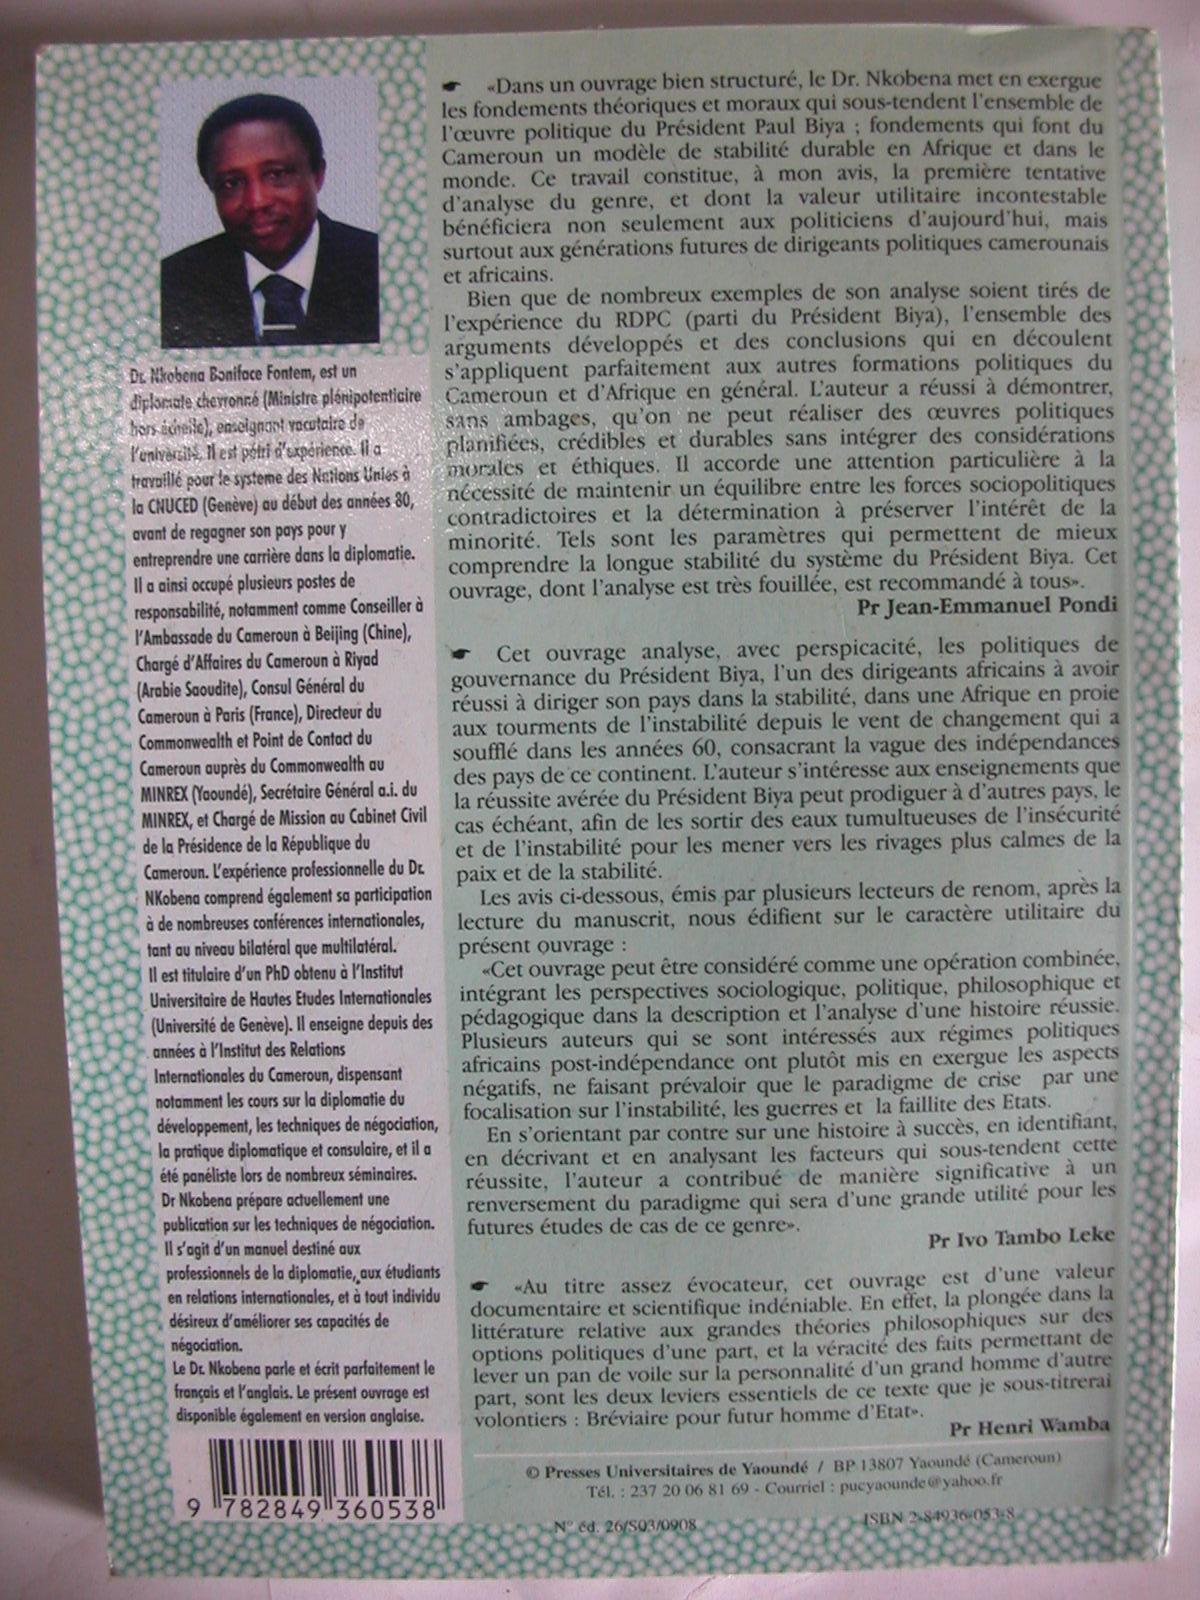 Sacerdoce politique et stabilité des systèmes, le paradigme Paul Biya (2008)2